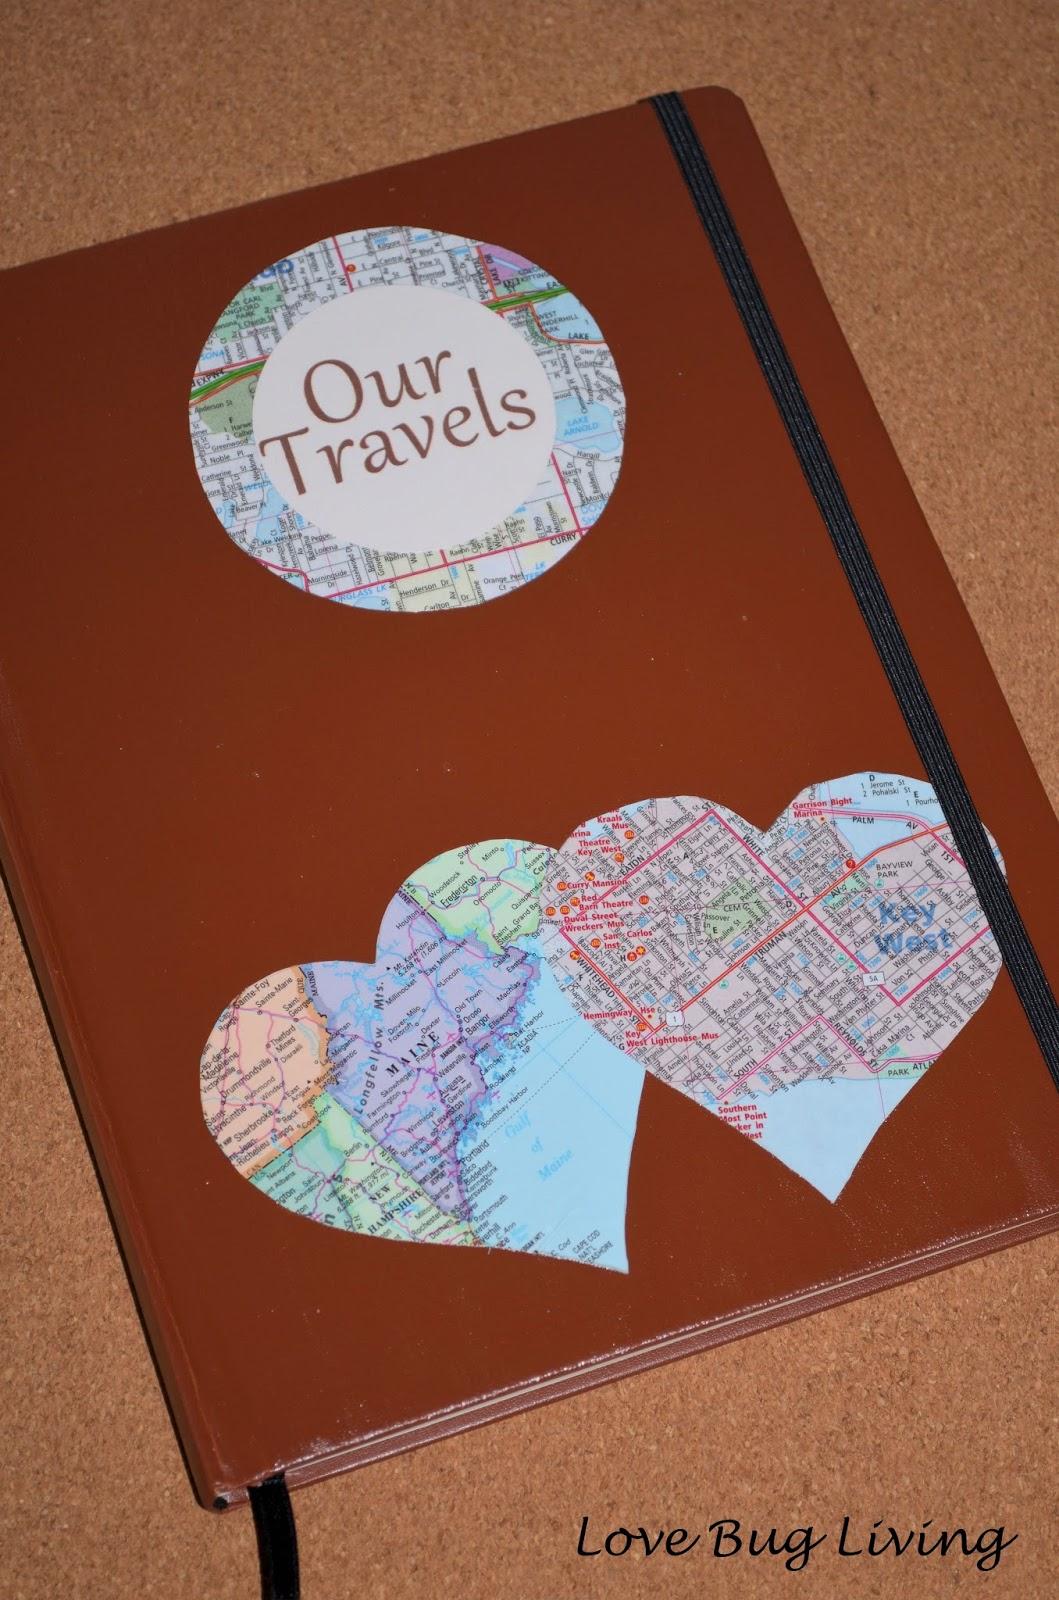 Love Bug Living Honeymoon Travel Journal Gift